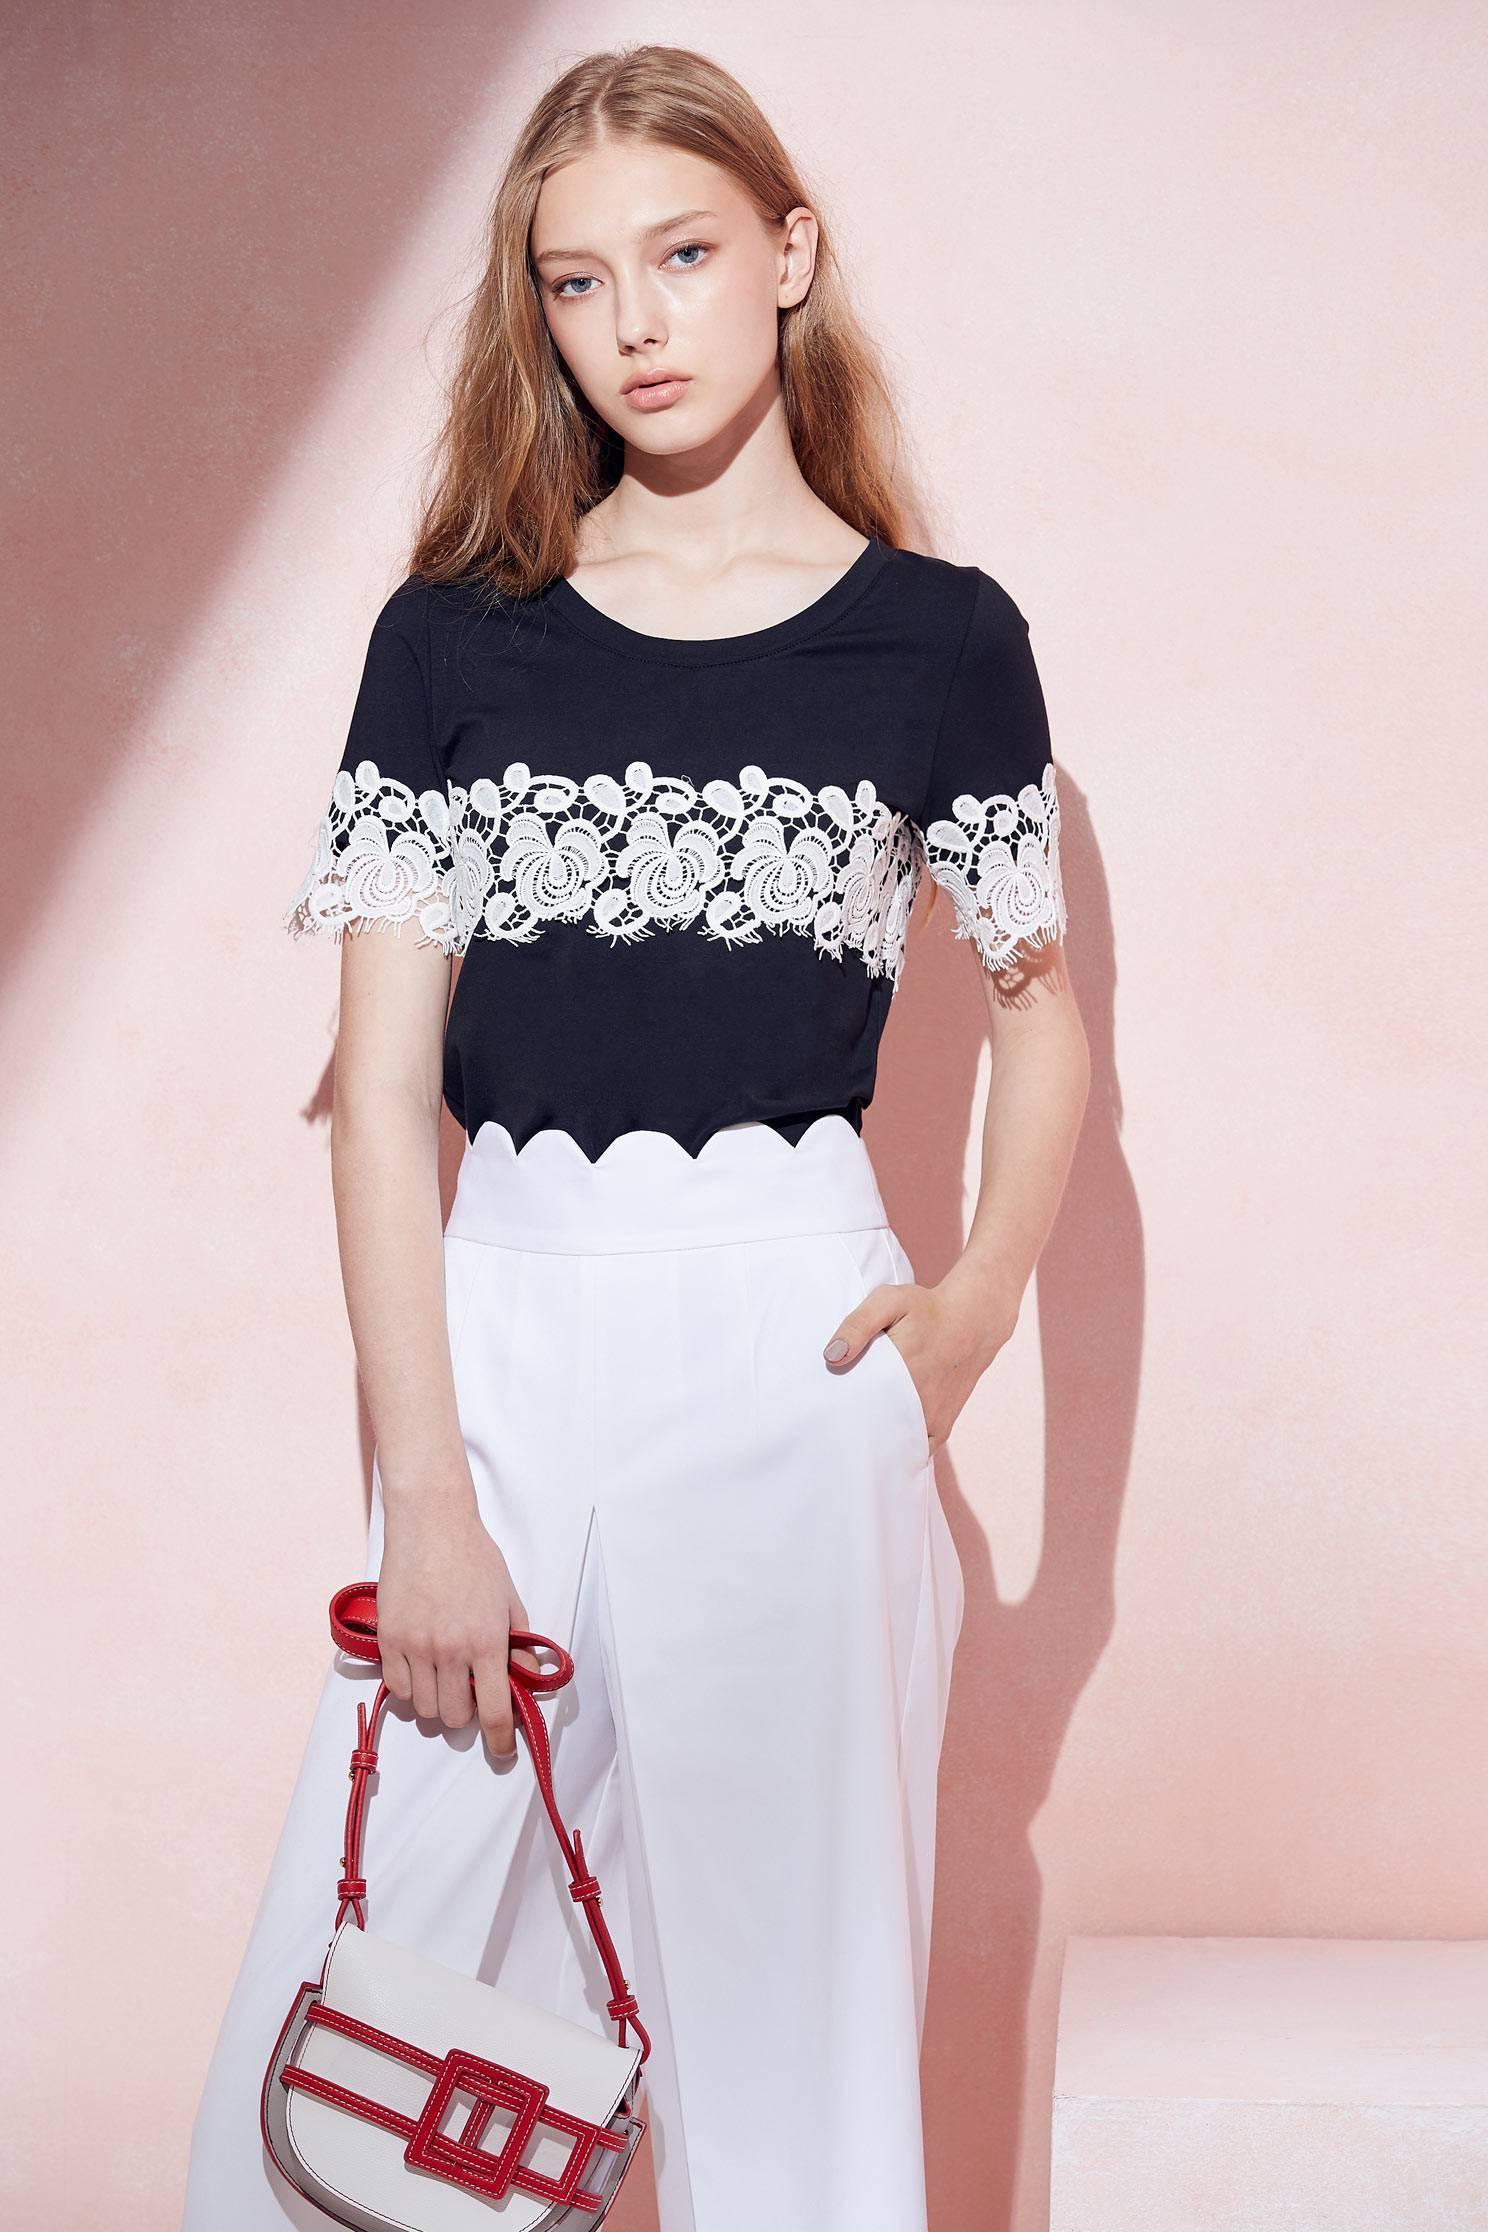 Romantic lace top